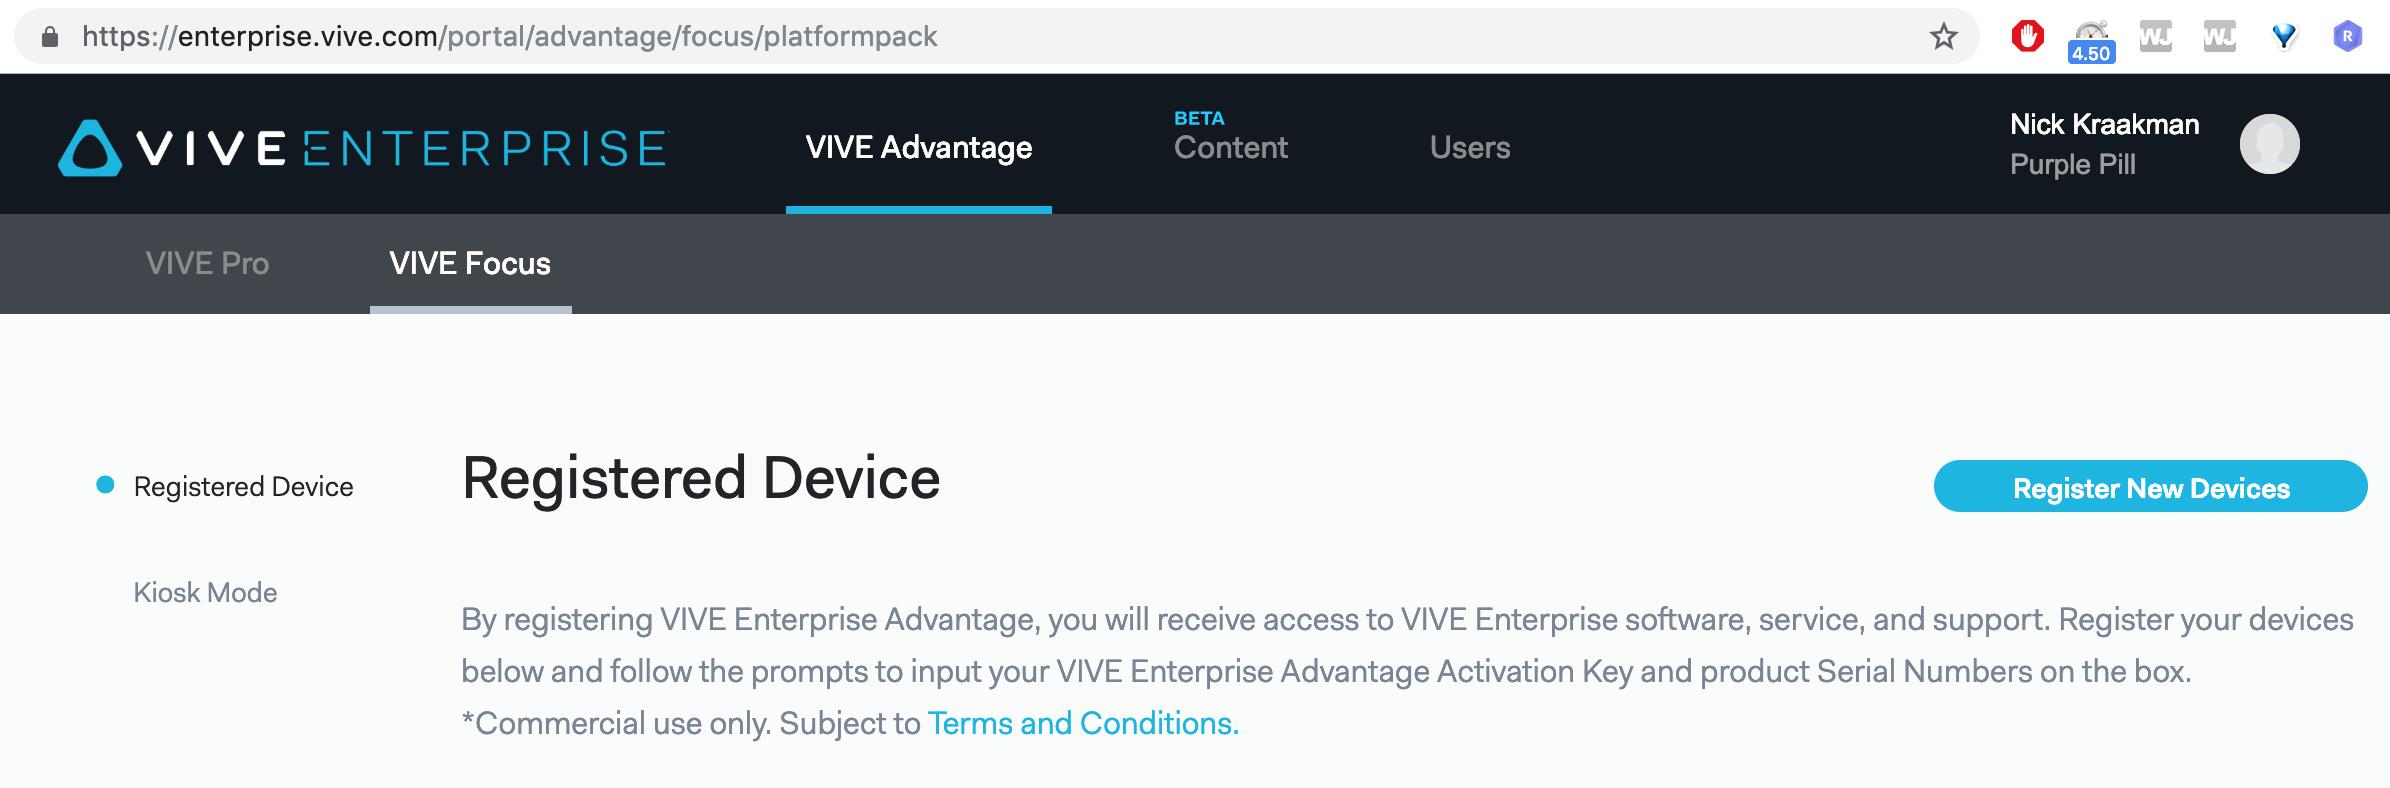 Vive Focus Kiosk Mode - Register New Device | Headjack